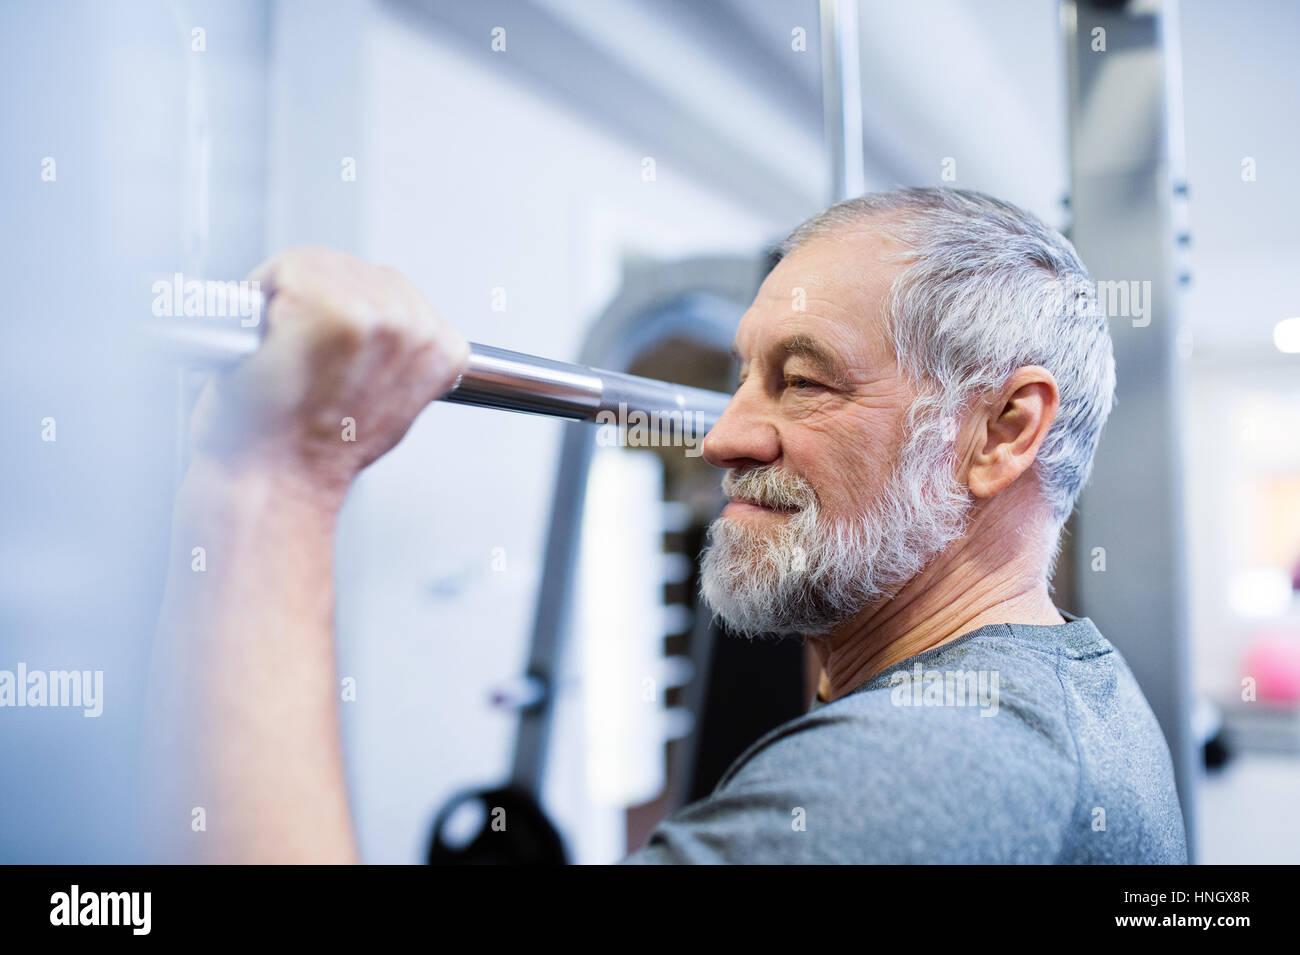 Uomo Senior in palestra facendo pull-ups sulla barra orizzontale. Immagini Stock